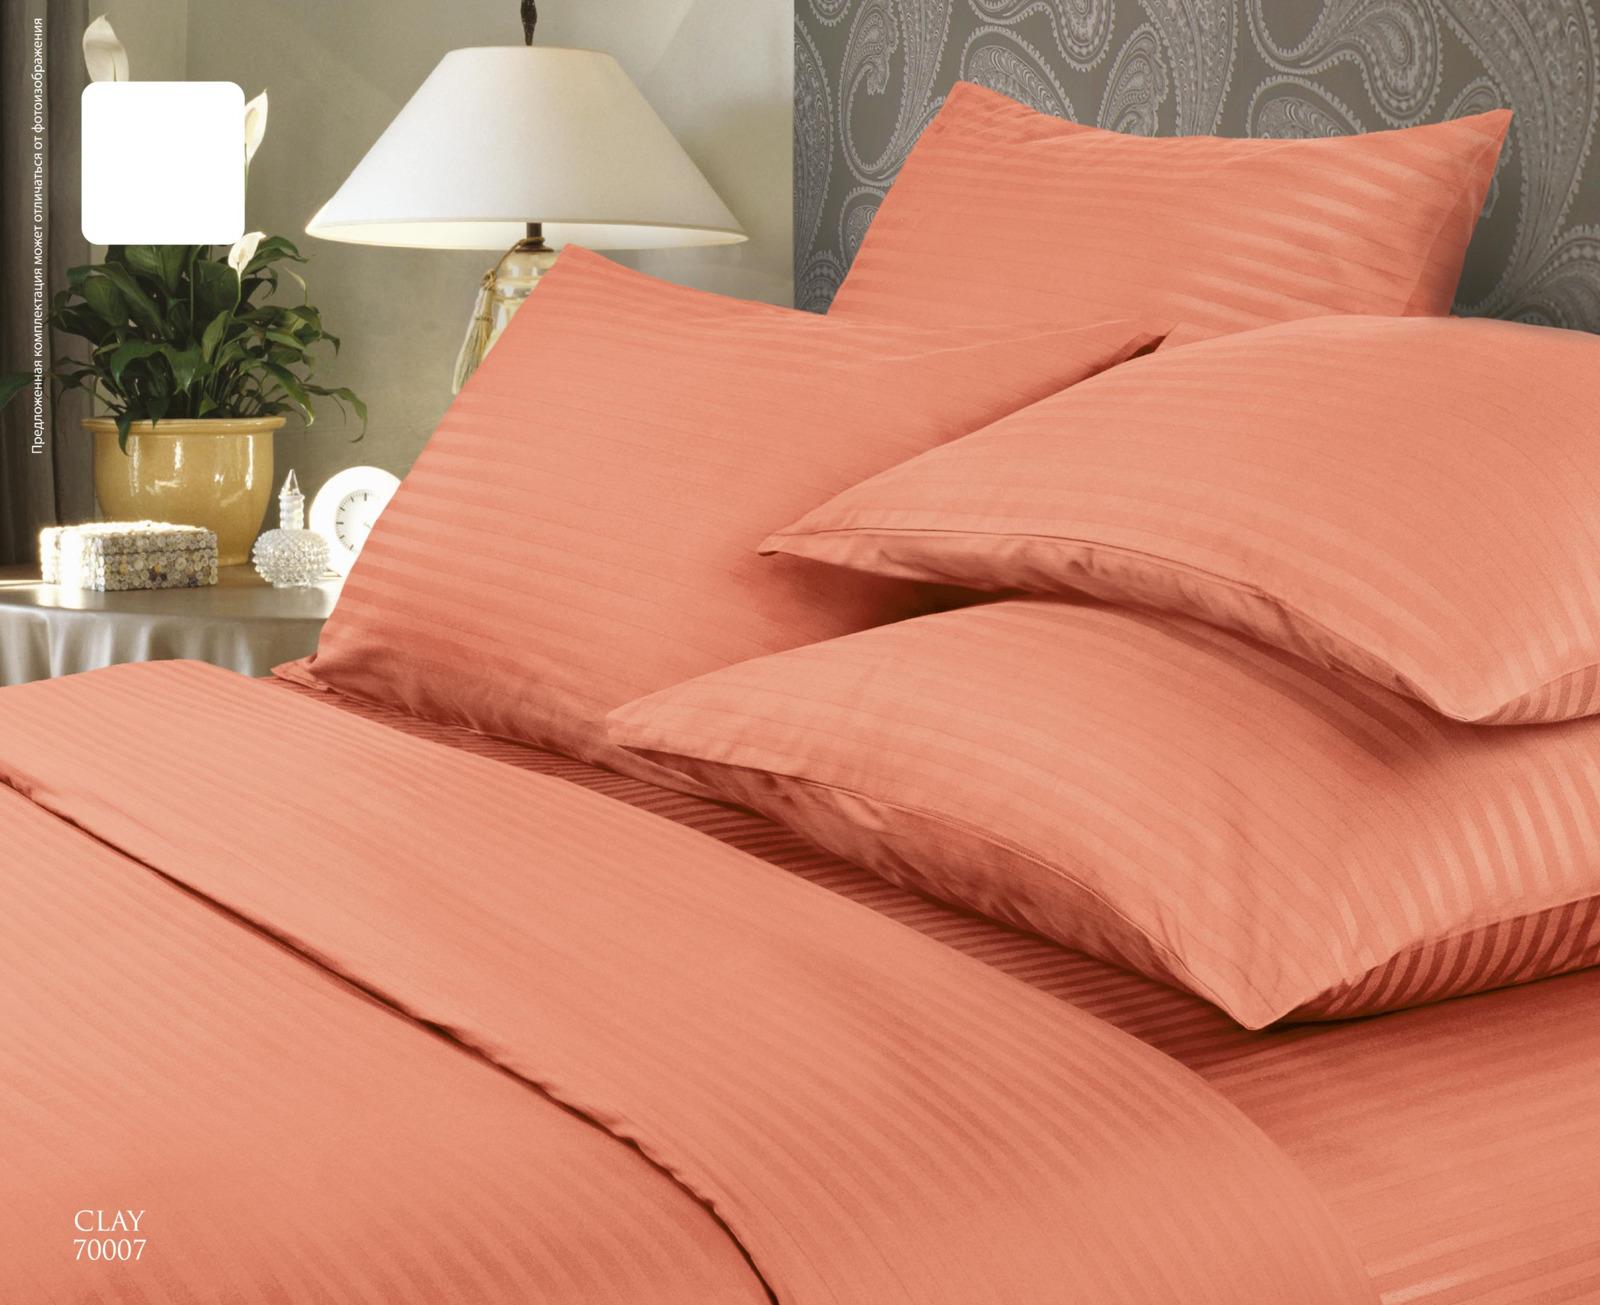 Фото - Комплект белья Verossa Clay, 1,5-спальный, наволочки 50x70 комплект белья verossa violet 1 5 спальный наволочки 50x70